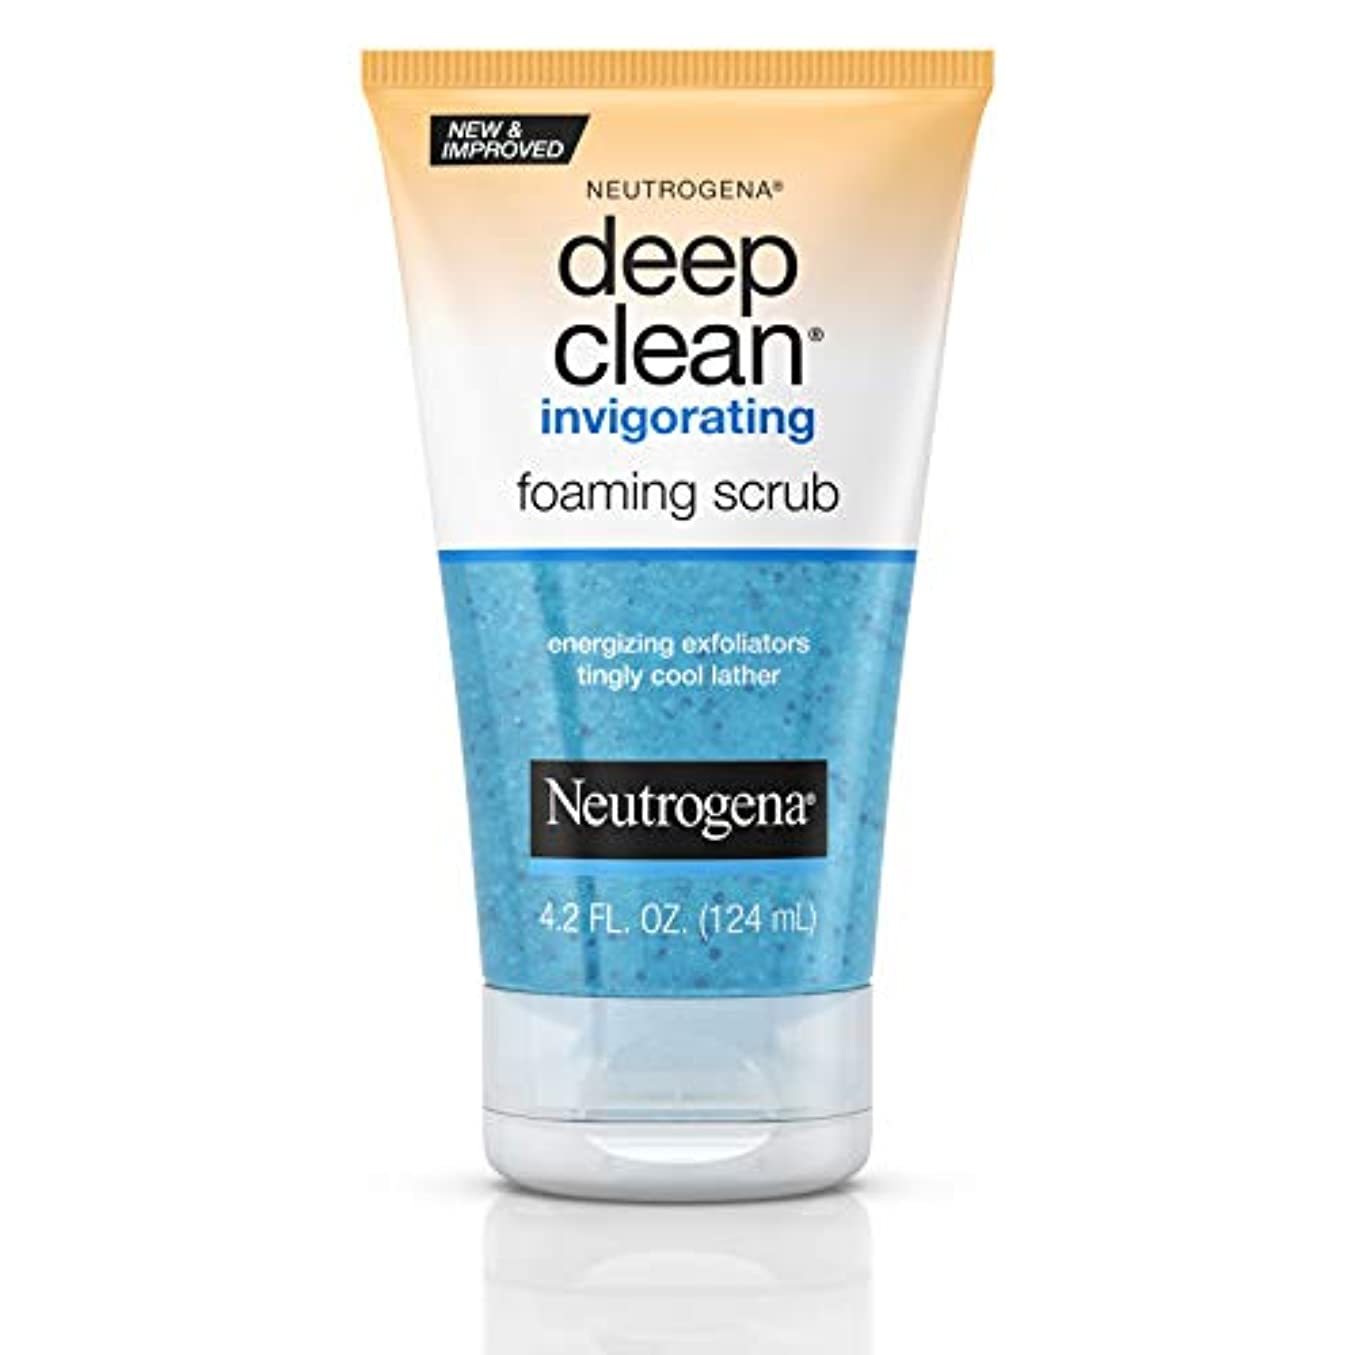 蒸し器つまずく人に関する限りNeutrogena Deep Clean Invigorating Foaming Scrub ニキビのための皮膚の奥までキレイにする洗顔ジェル125ml